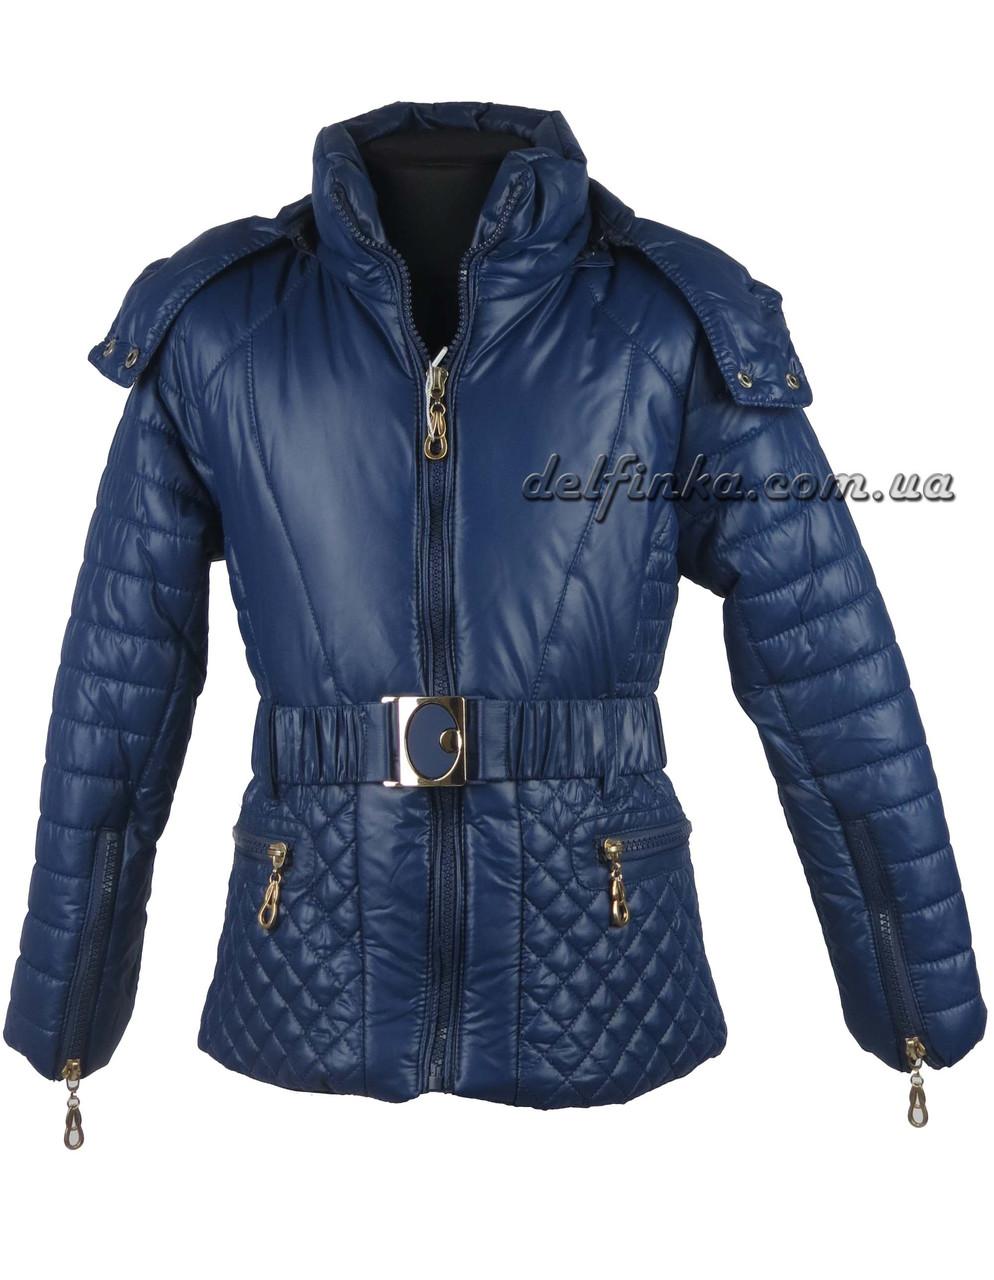 Куртка для девочек  демисизонная 5-9 лет цвет сиреневый, фото 3